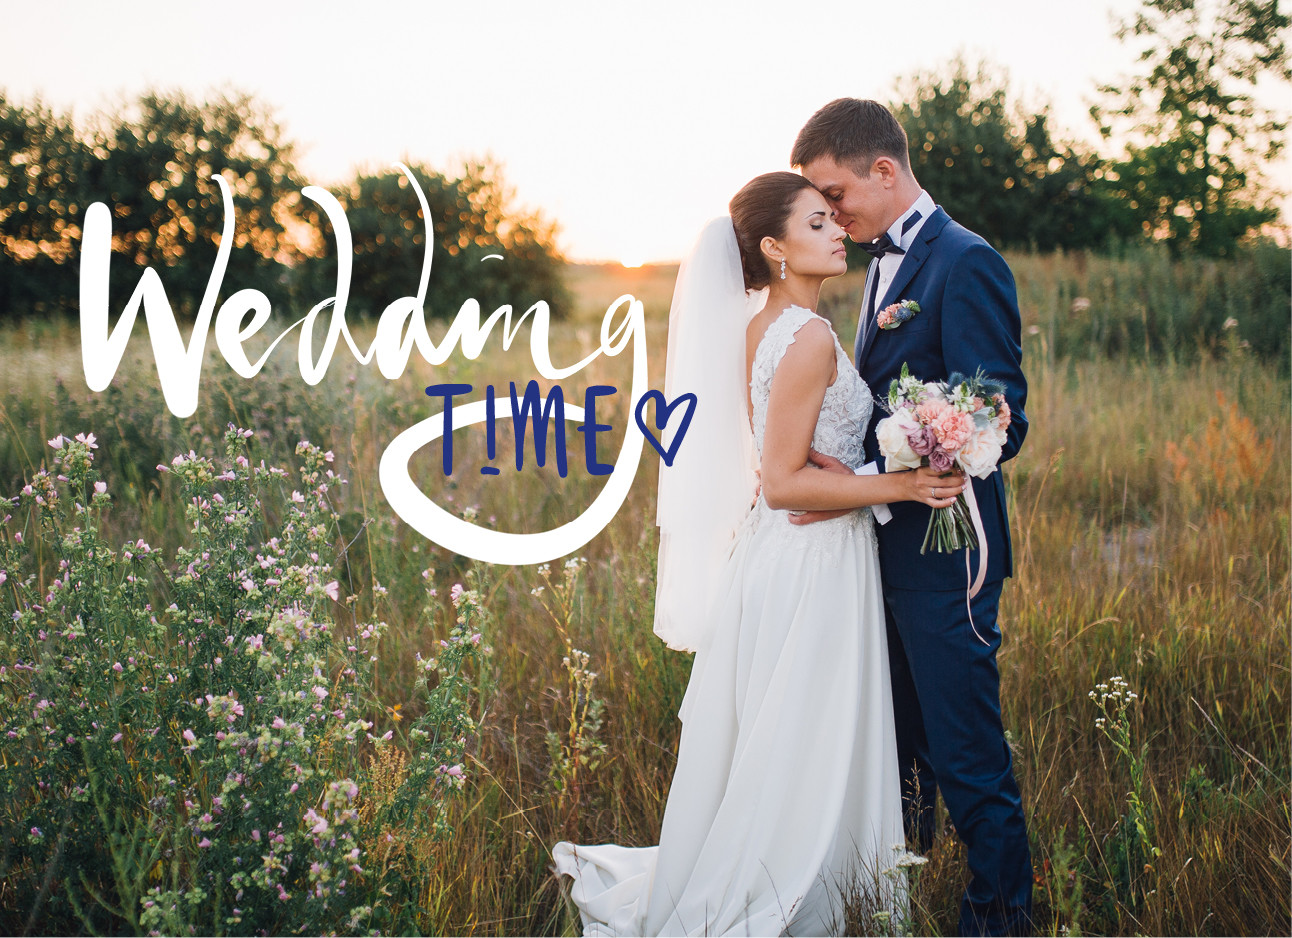 Een pas getrouwd koppel in bruidsjurk en pak in een groen veld